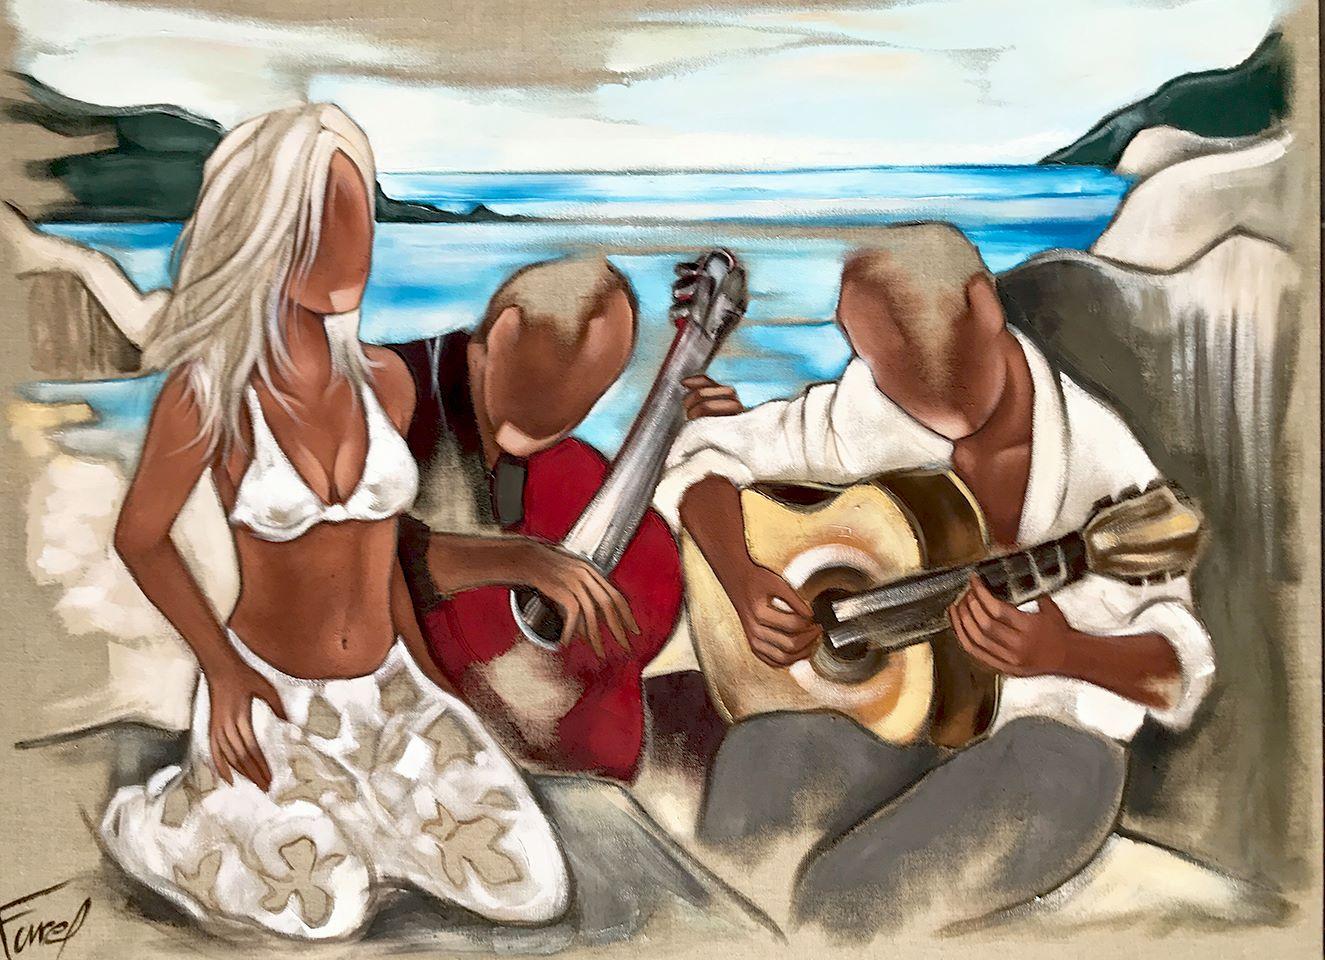 Pierre Farel Les guitares de la plage